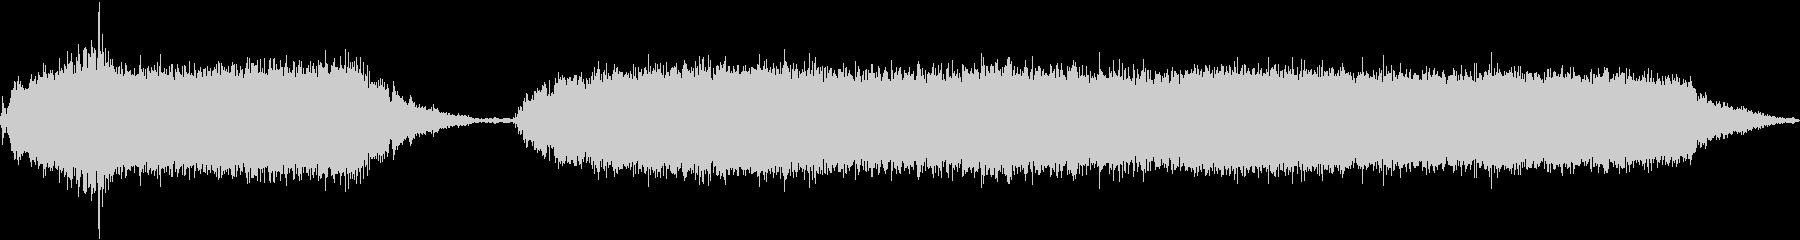 アプライアンスダストバスターカバーの未再生の波形